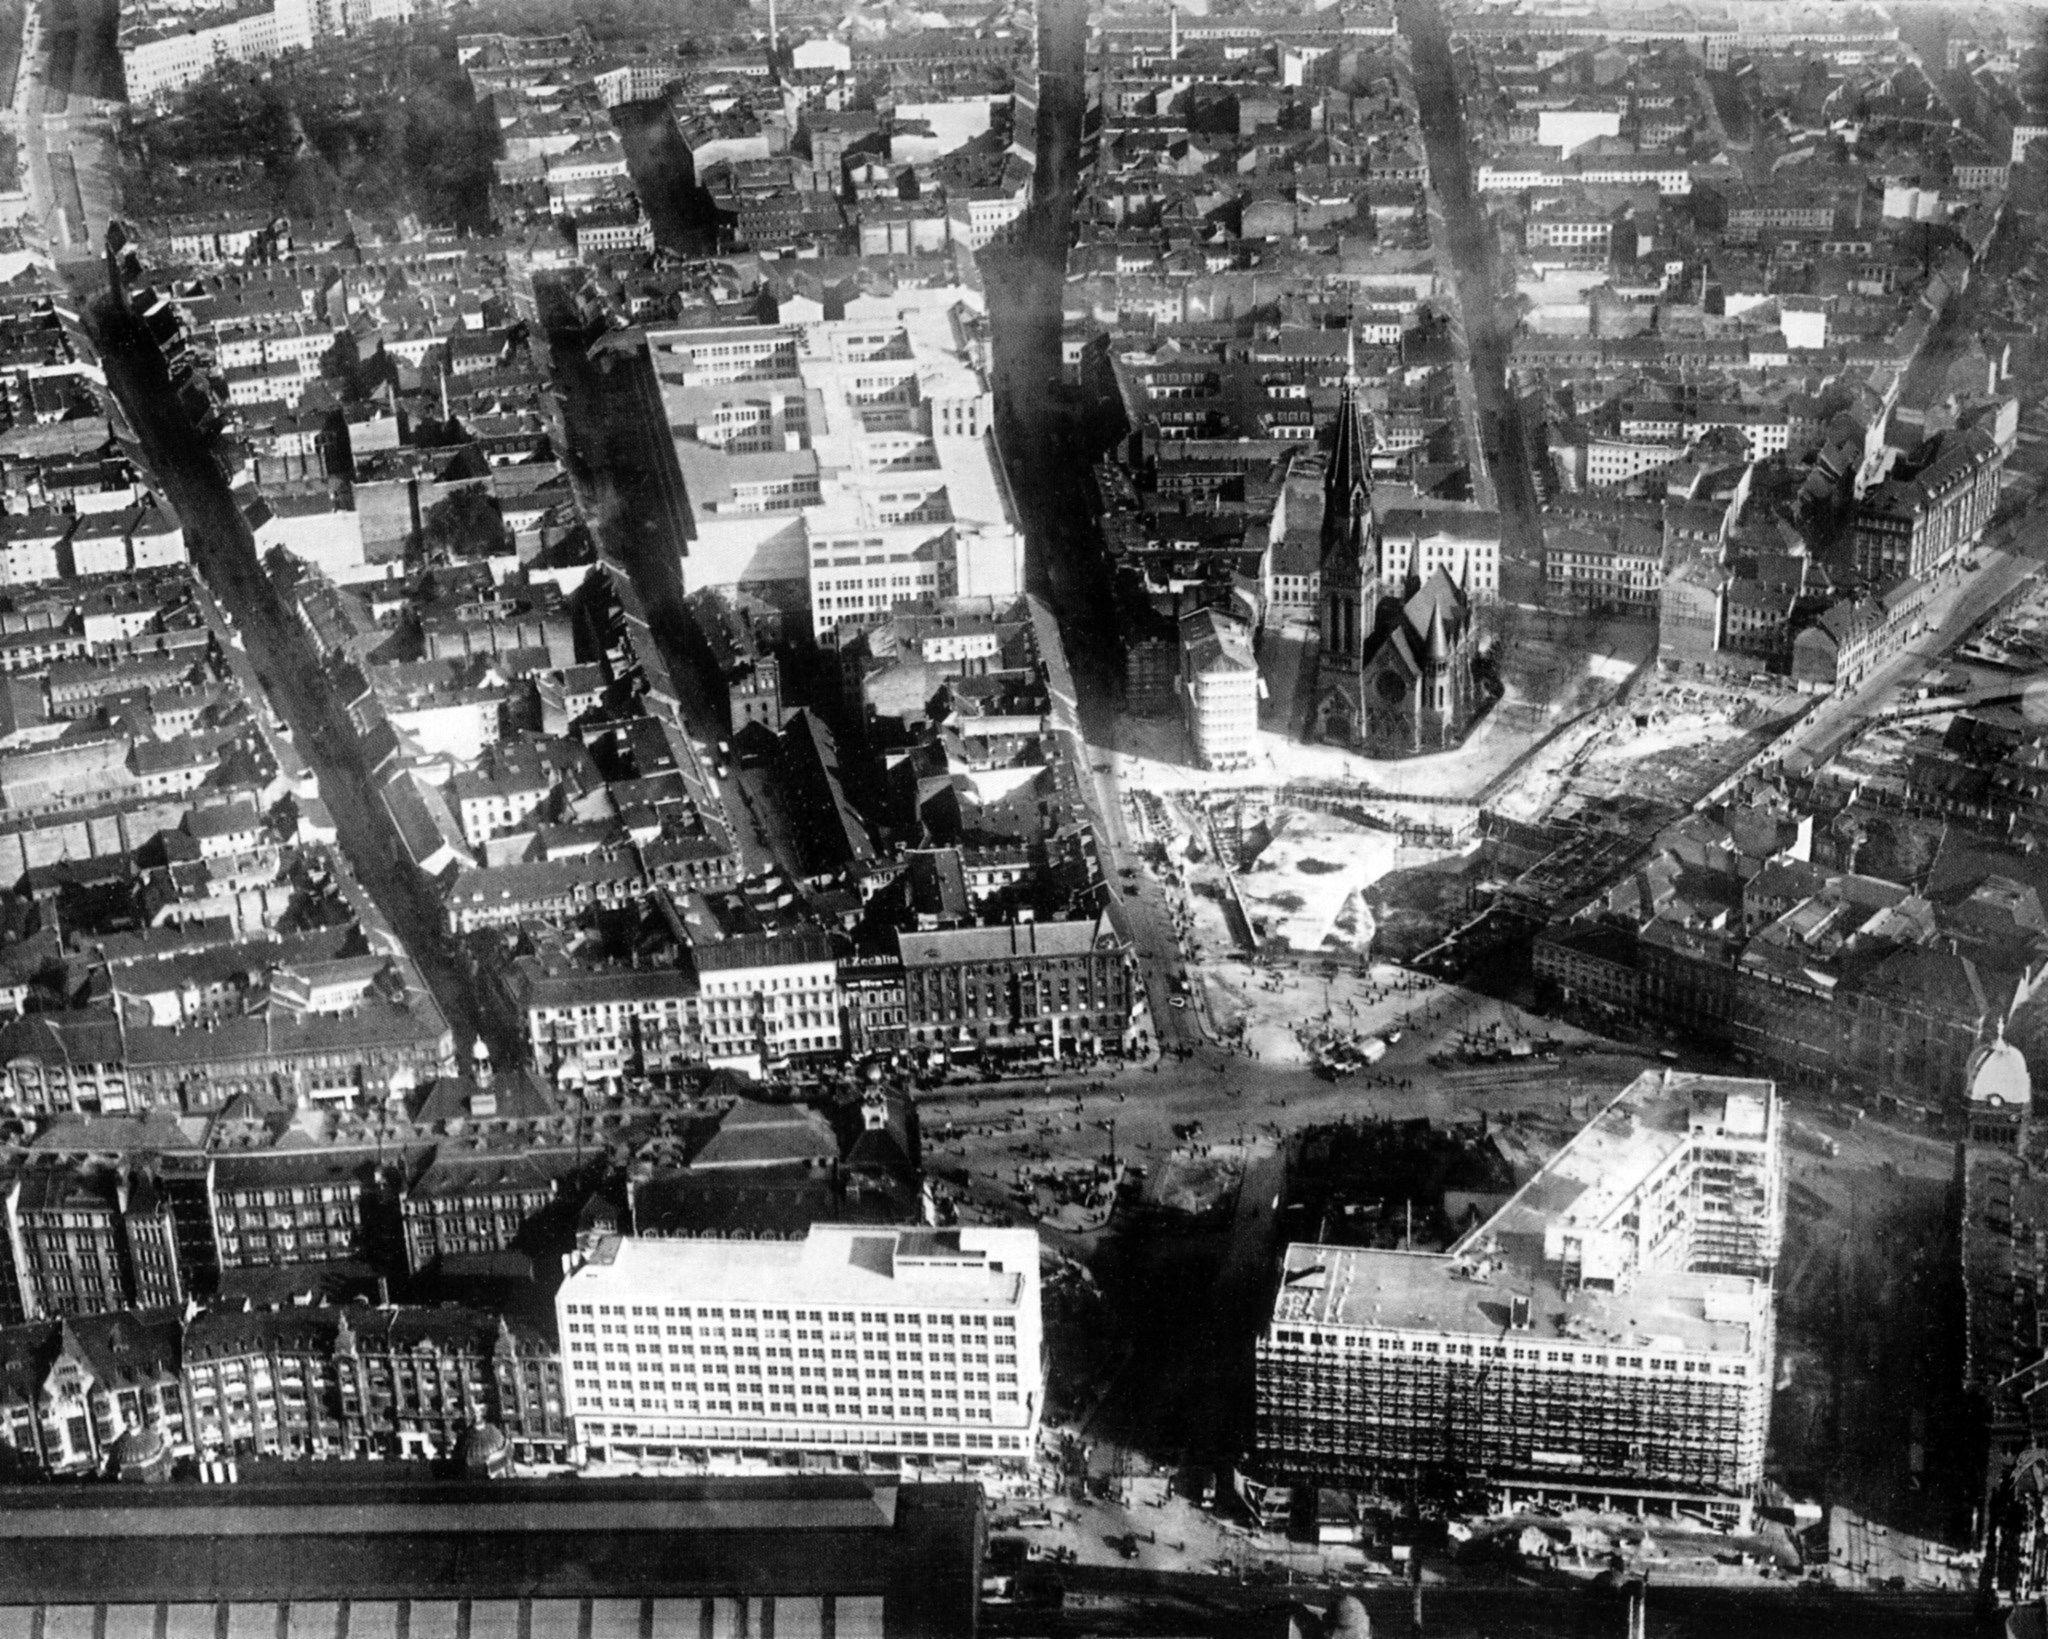 1932 Berlin Luftbild Alexanderplatz Mit Blick Nach No Mit Den Beiden Behrens Hausern In Der Bildmitte Unten In 2020 Photo Historical Photos Landmarks